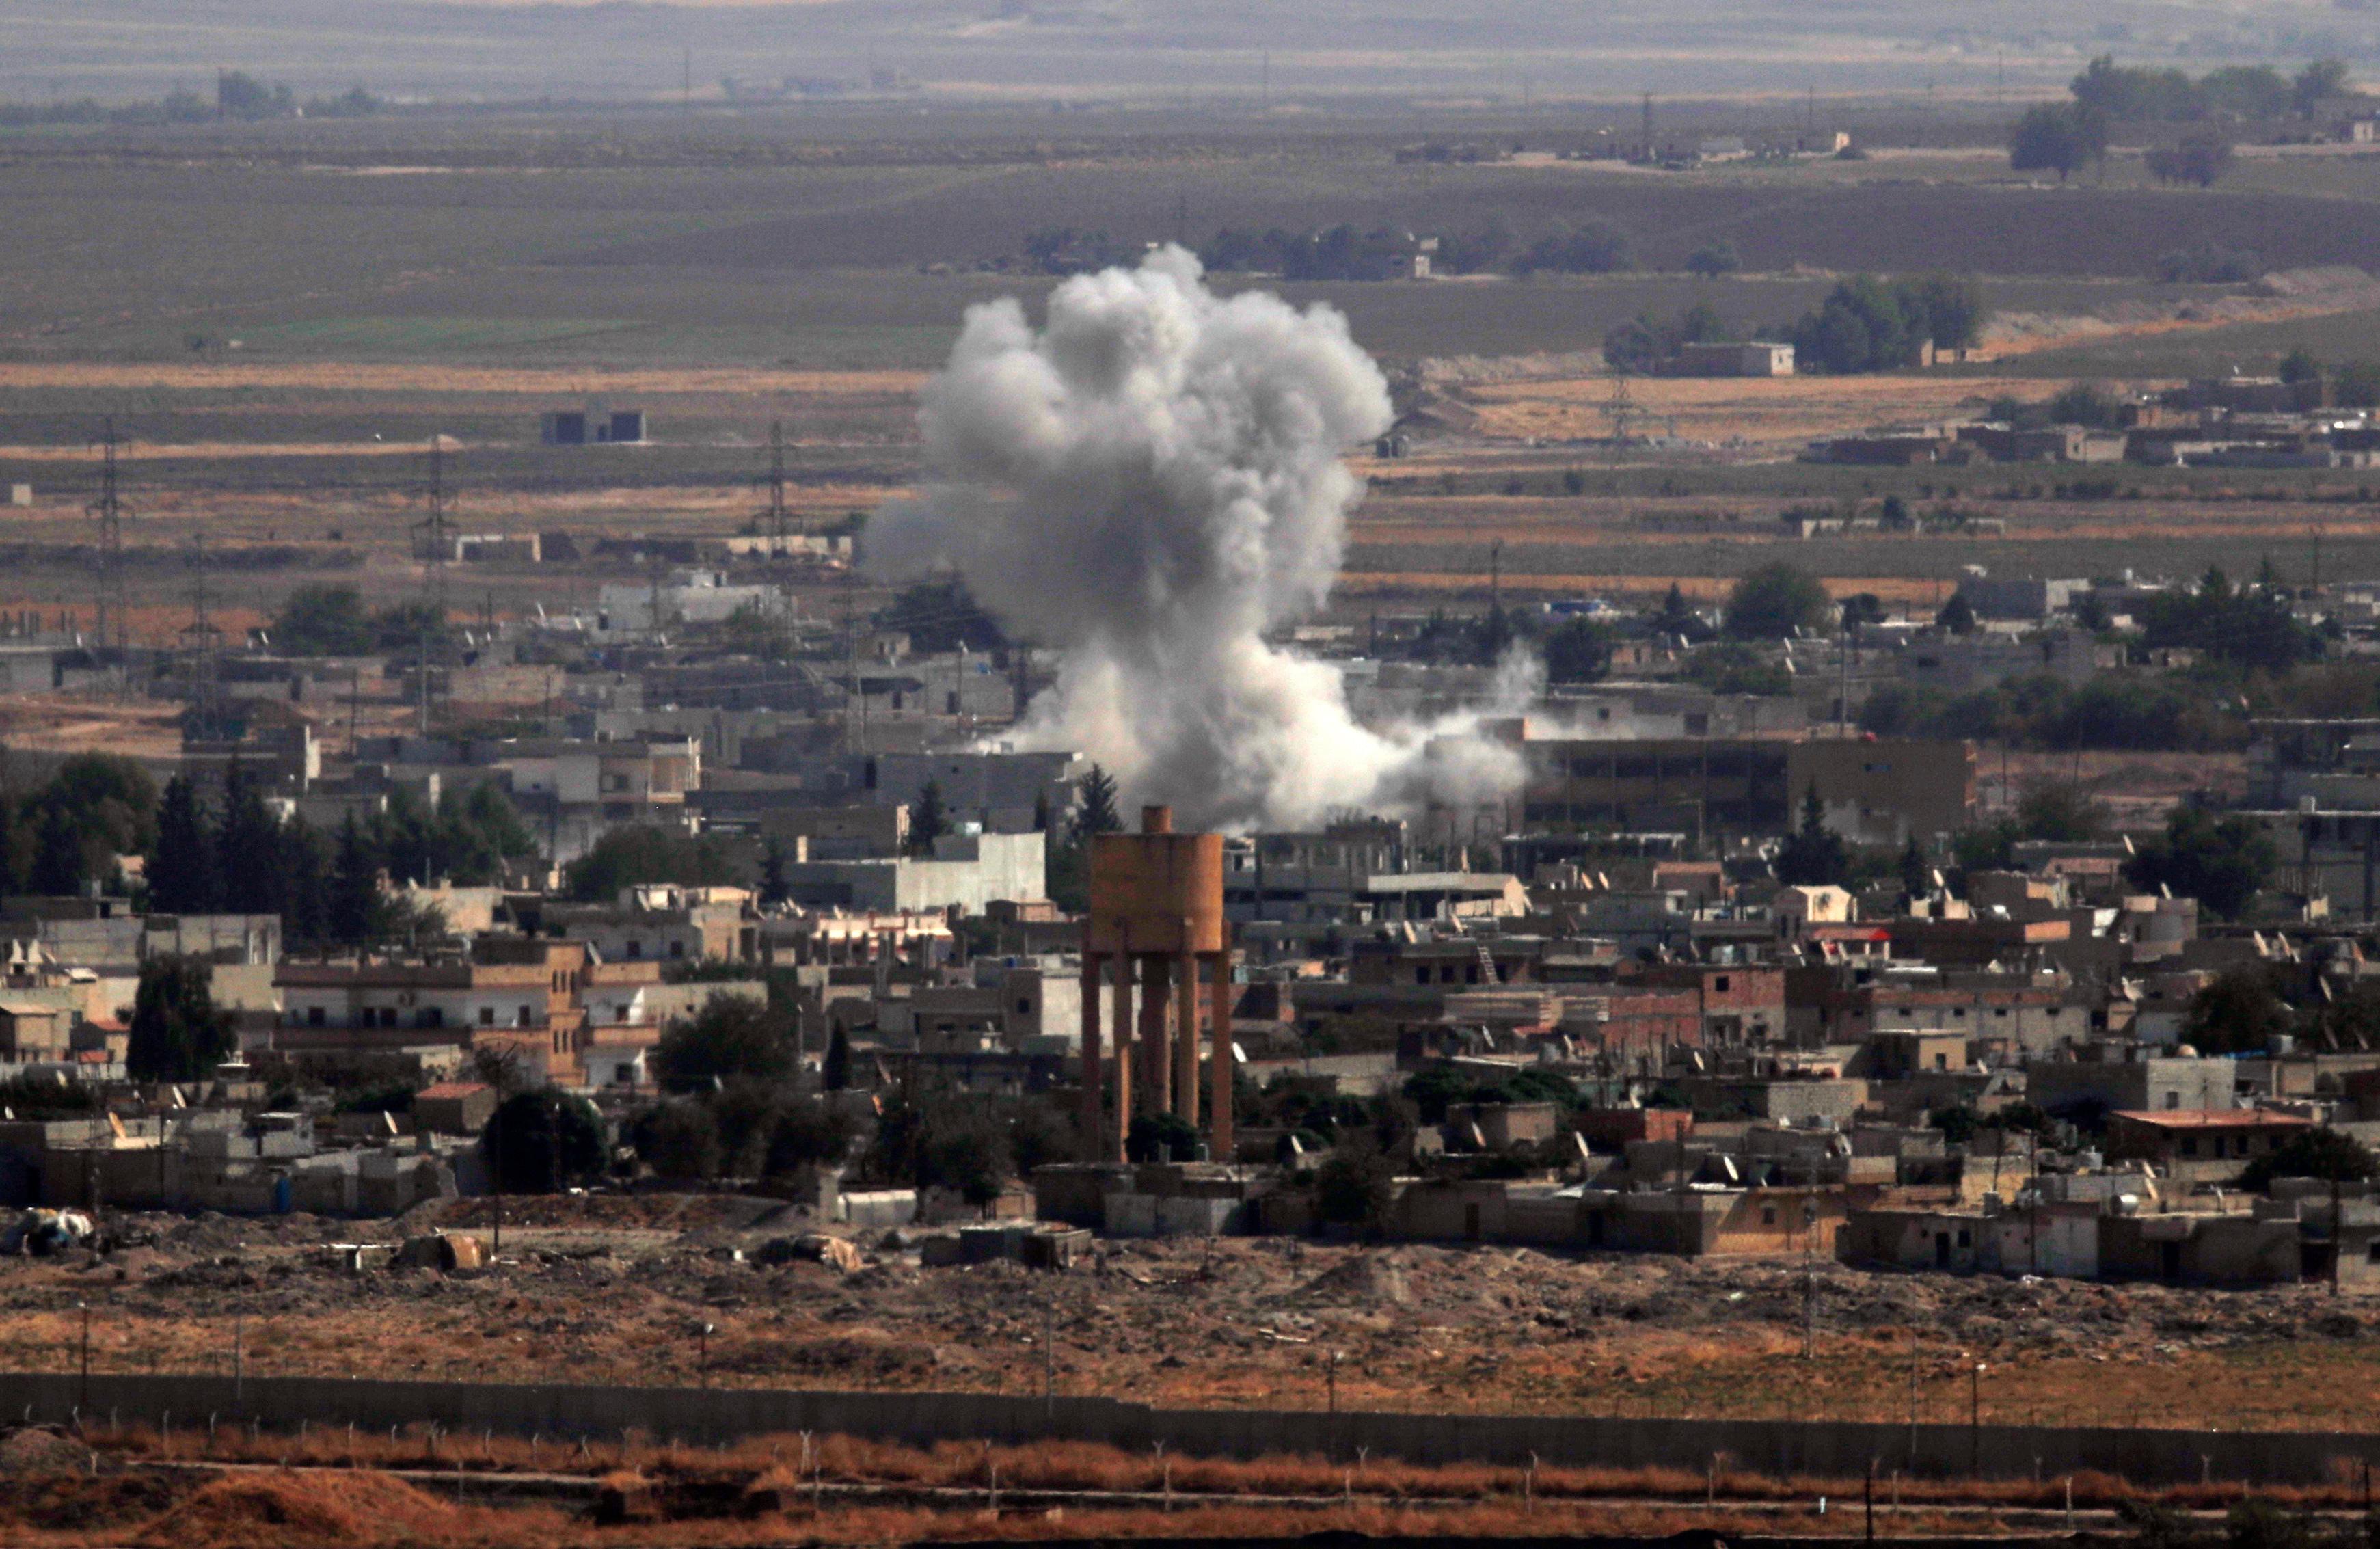 Συνεχίζονται οι τουρκικοί βομβαρδισμοί στο Ρας αλ Άιν.